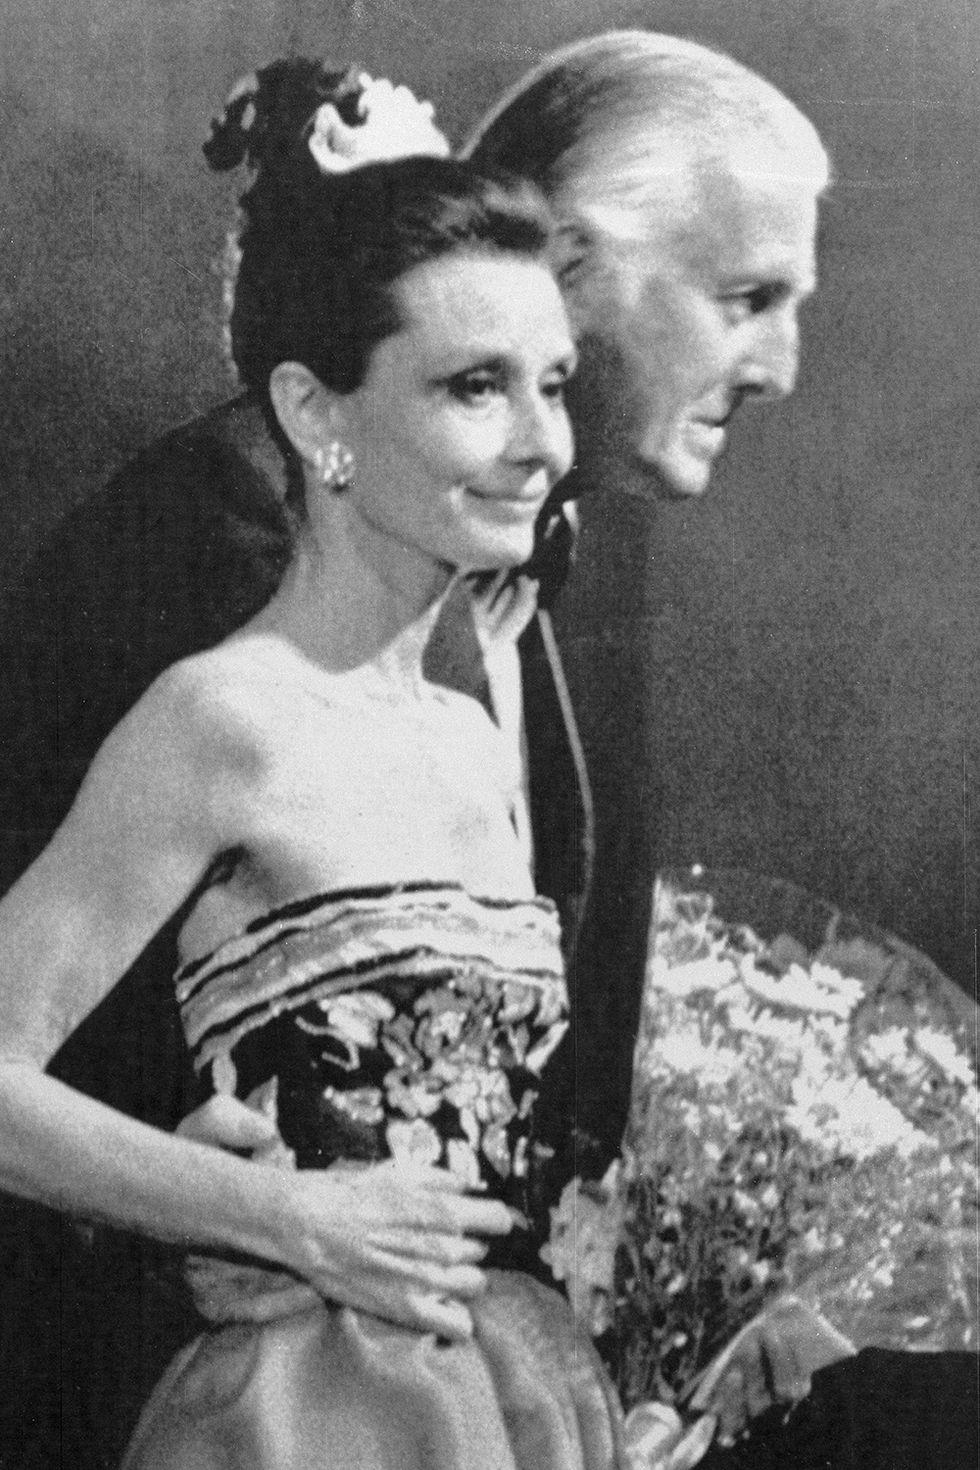 عام 1983 خلال الاختفال الـ 30 بعيد ميلاد دار Givenchy